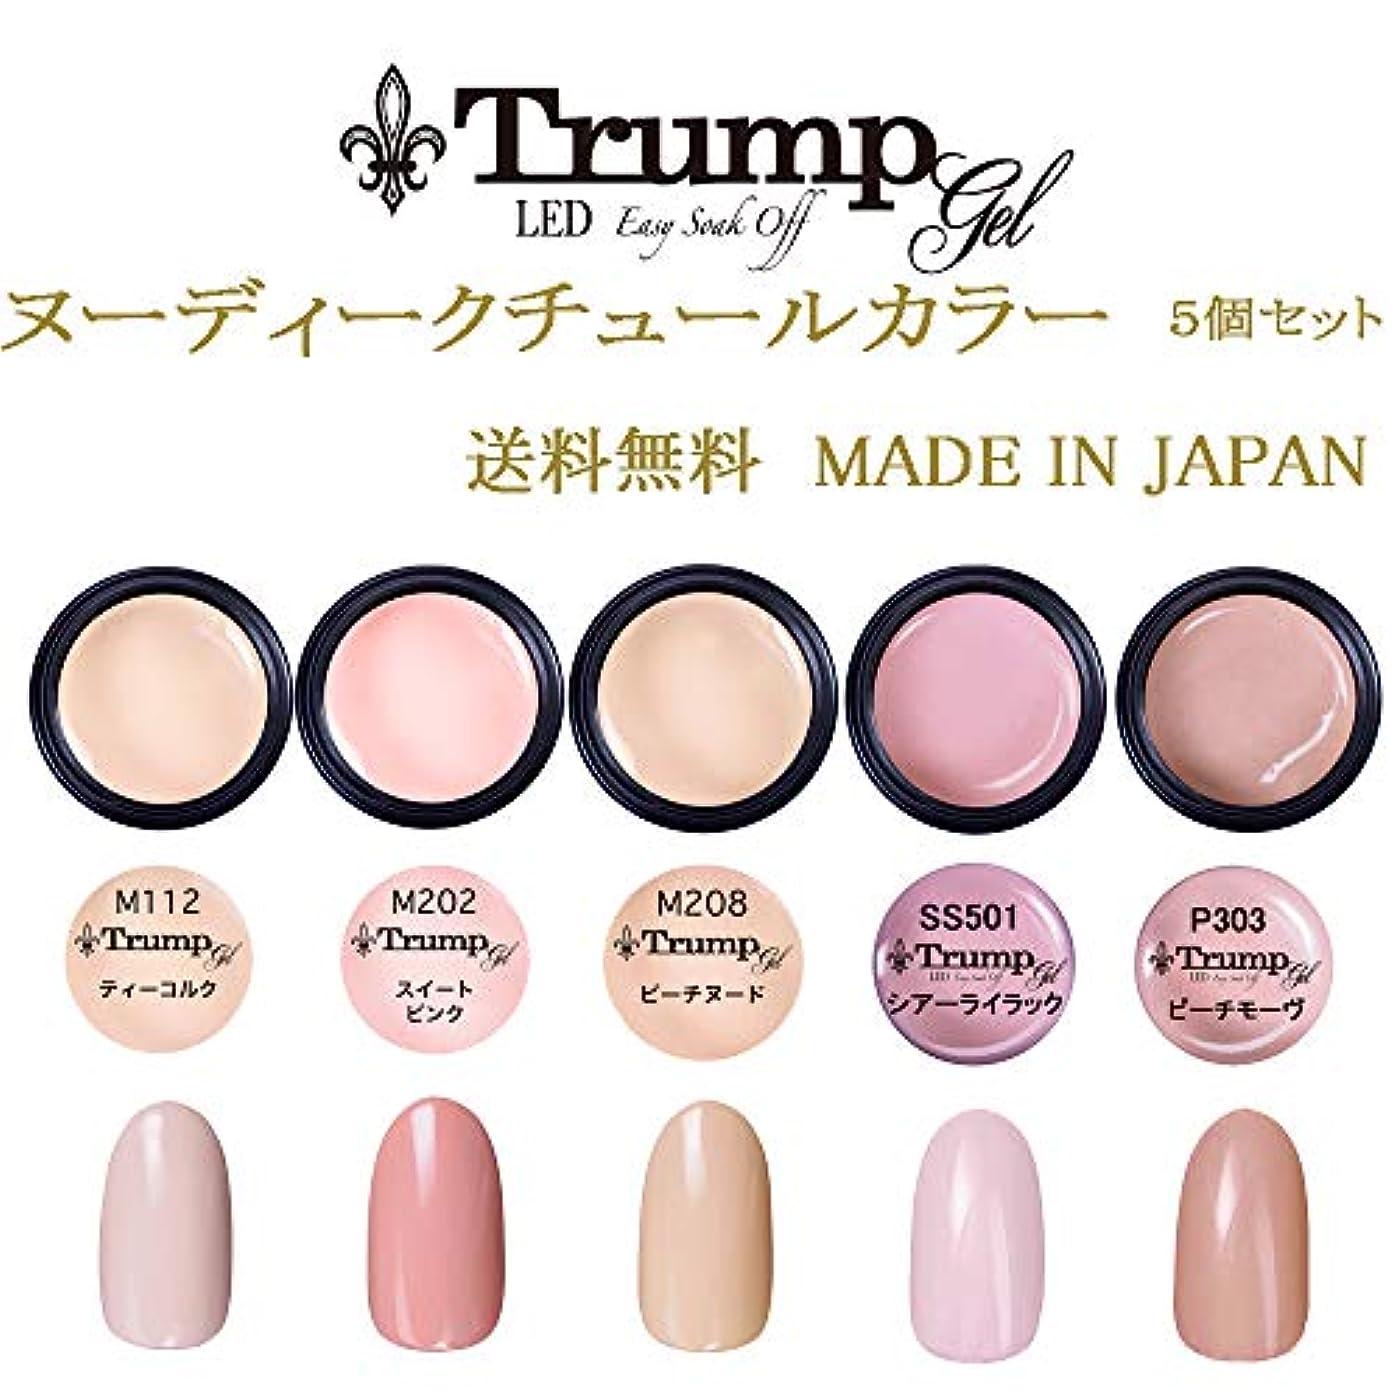 フォルダ巻き取り南アメリカ【送料無料】日本製 Trump gel トランプジェルヌーディクチュールカラージェル 5個セット肌馴染みの良い ヌーデイクチュールカラージェルセット